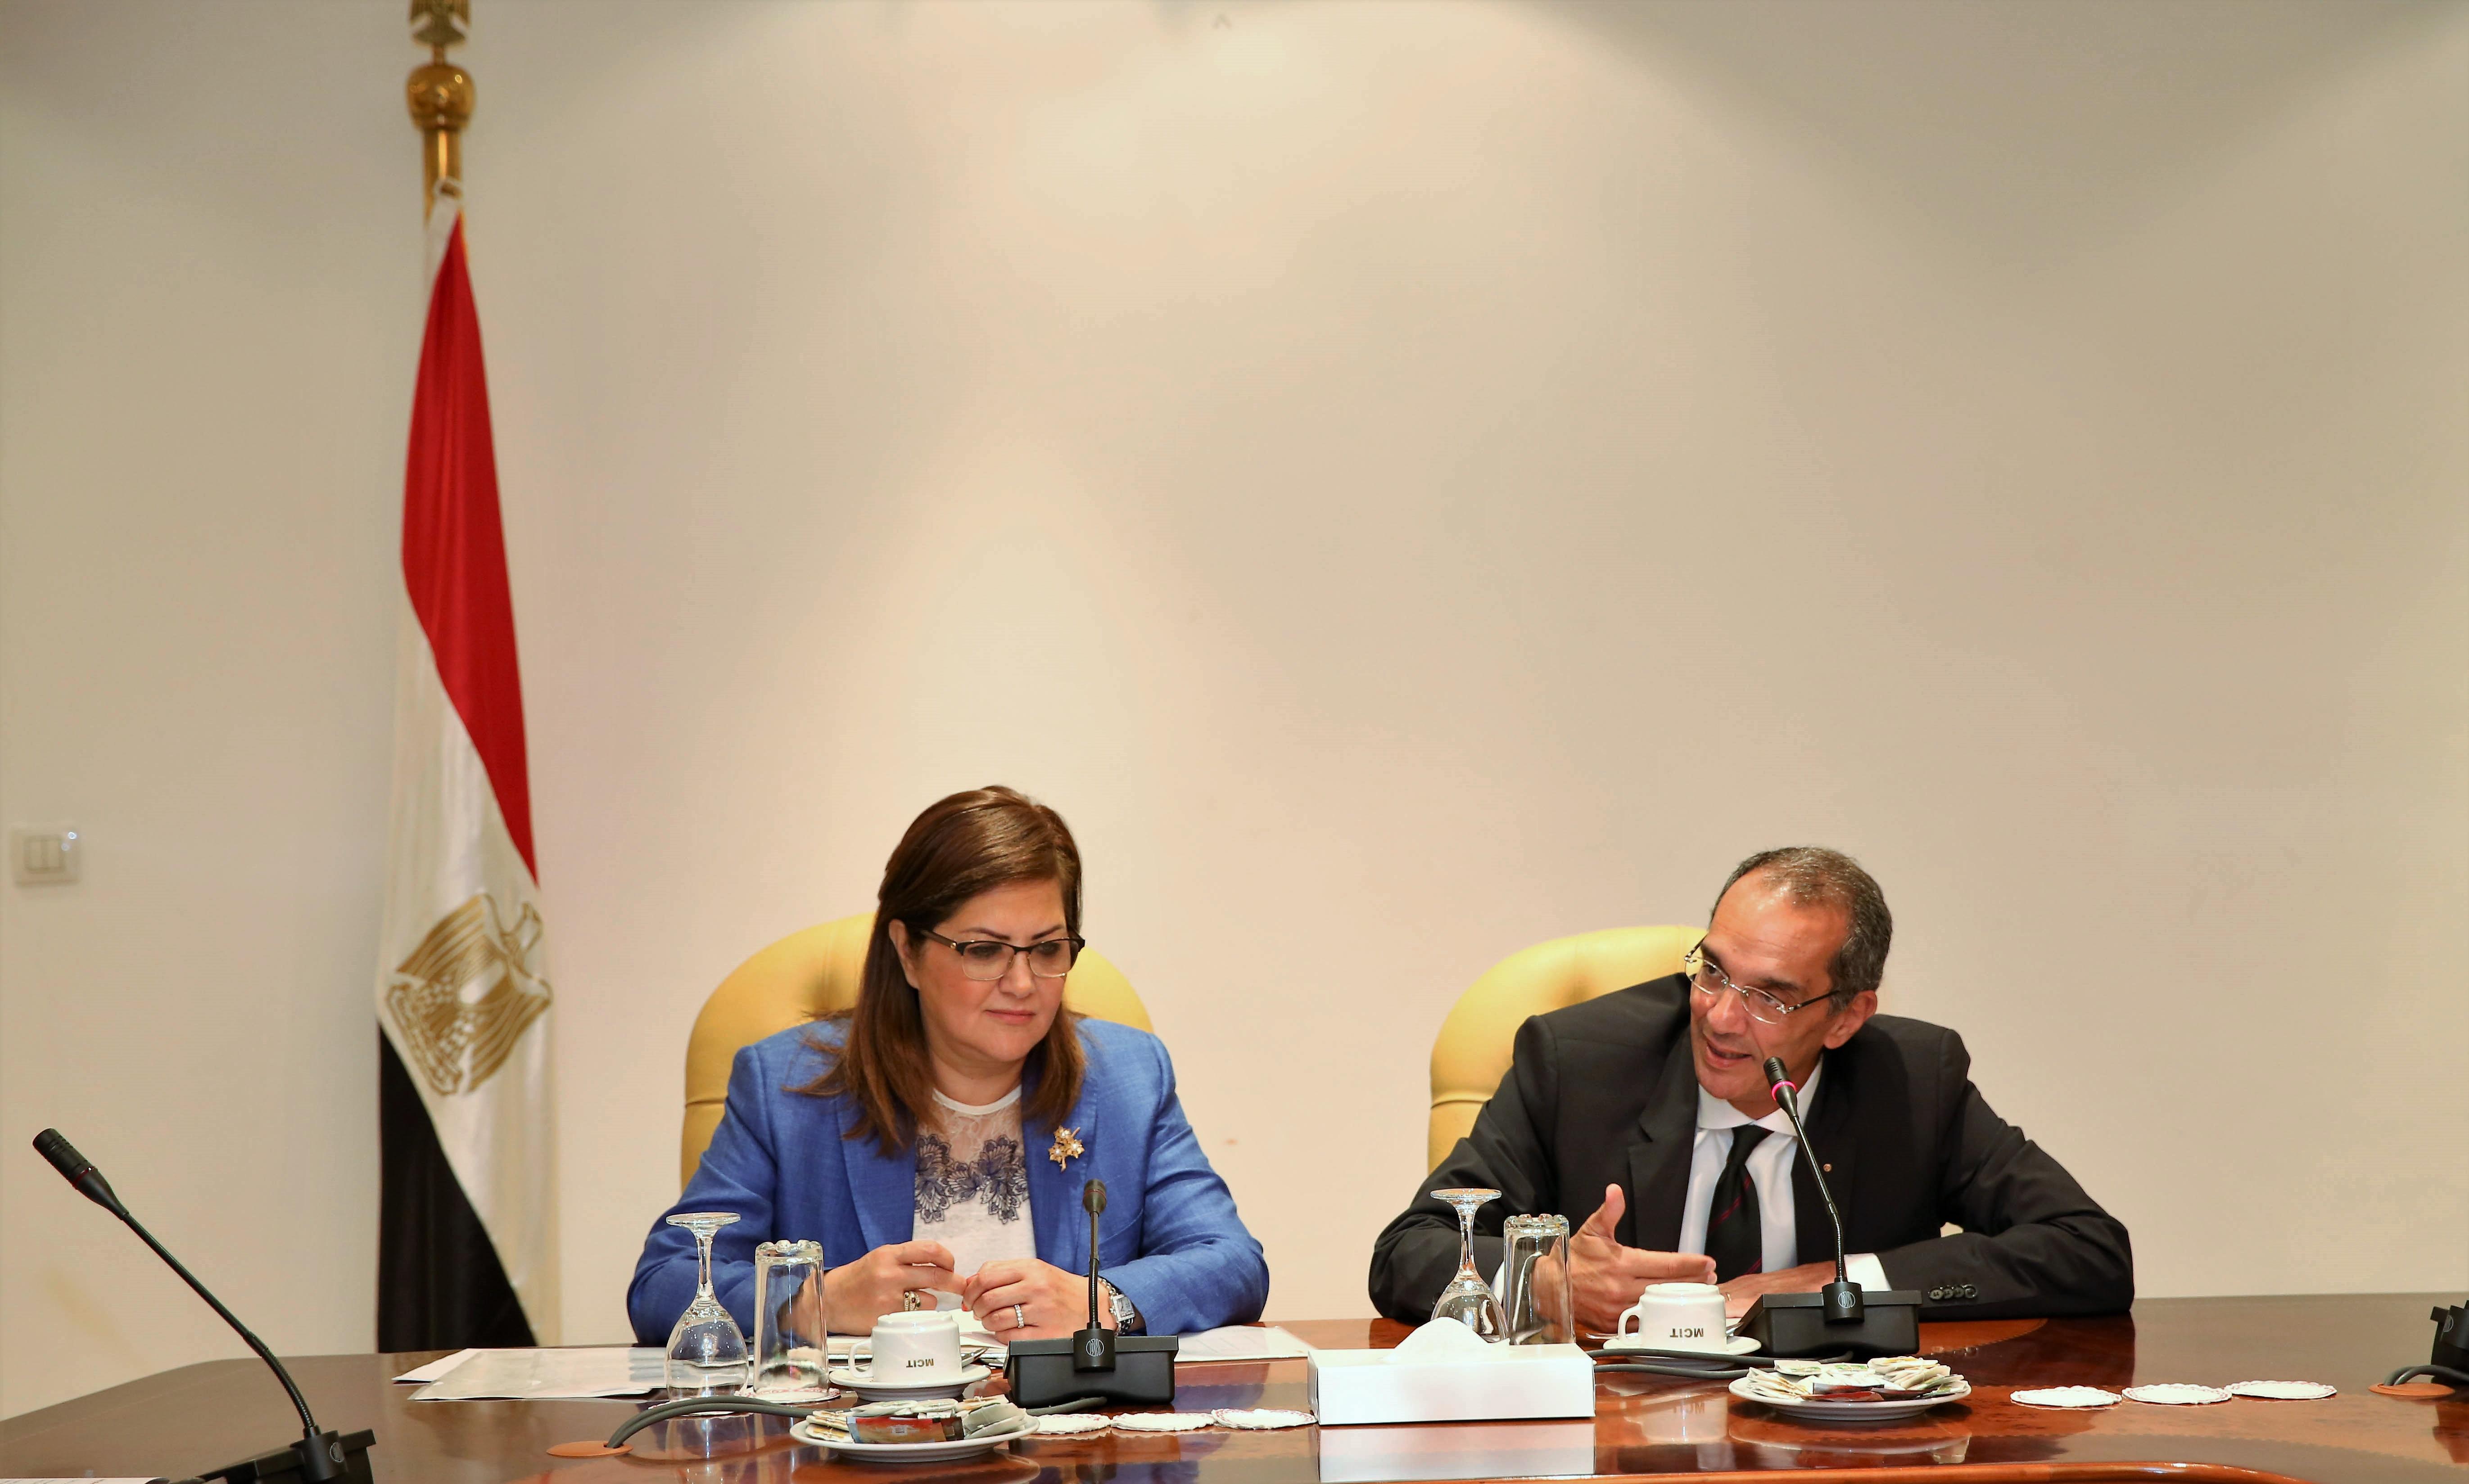 تعاون مشترك بين وزارة التخطيط ووزارة الاتصالات للمساهمة في تطوير العمل الحكومي و تقديم الخدمات الحكومية للمواطنين